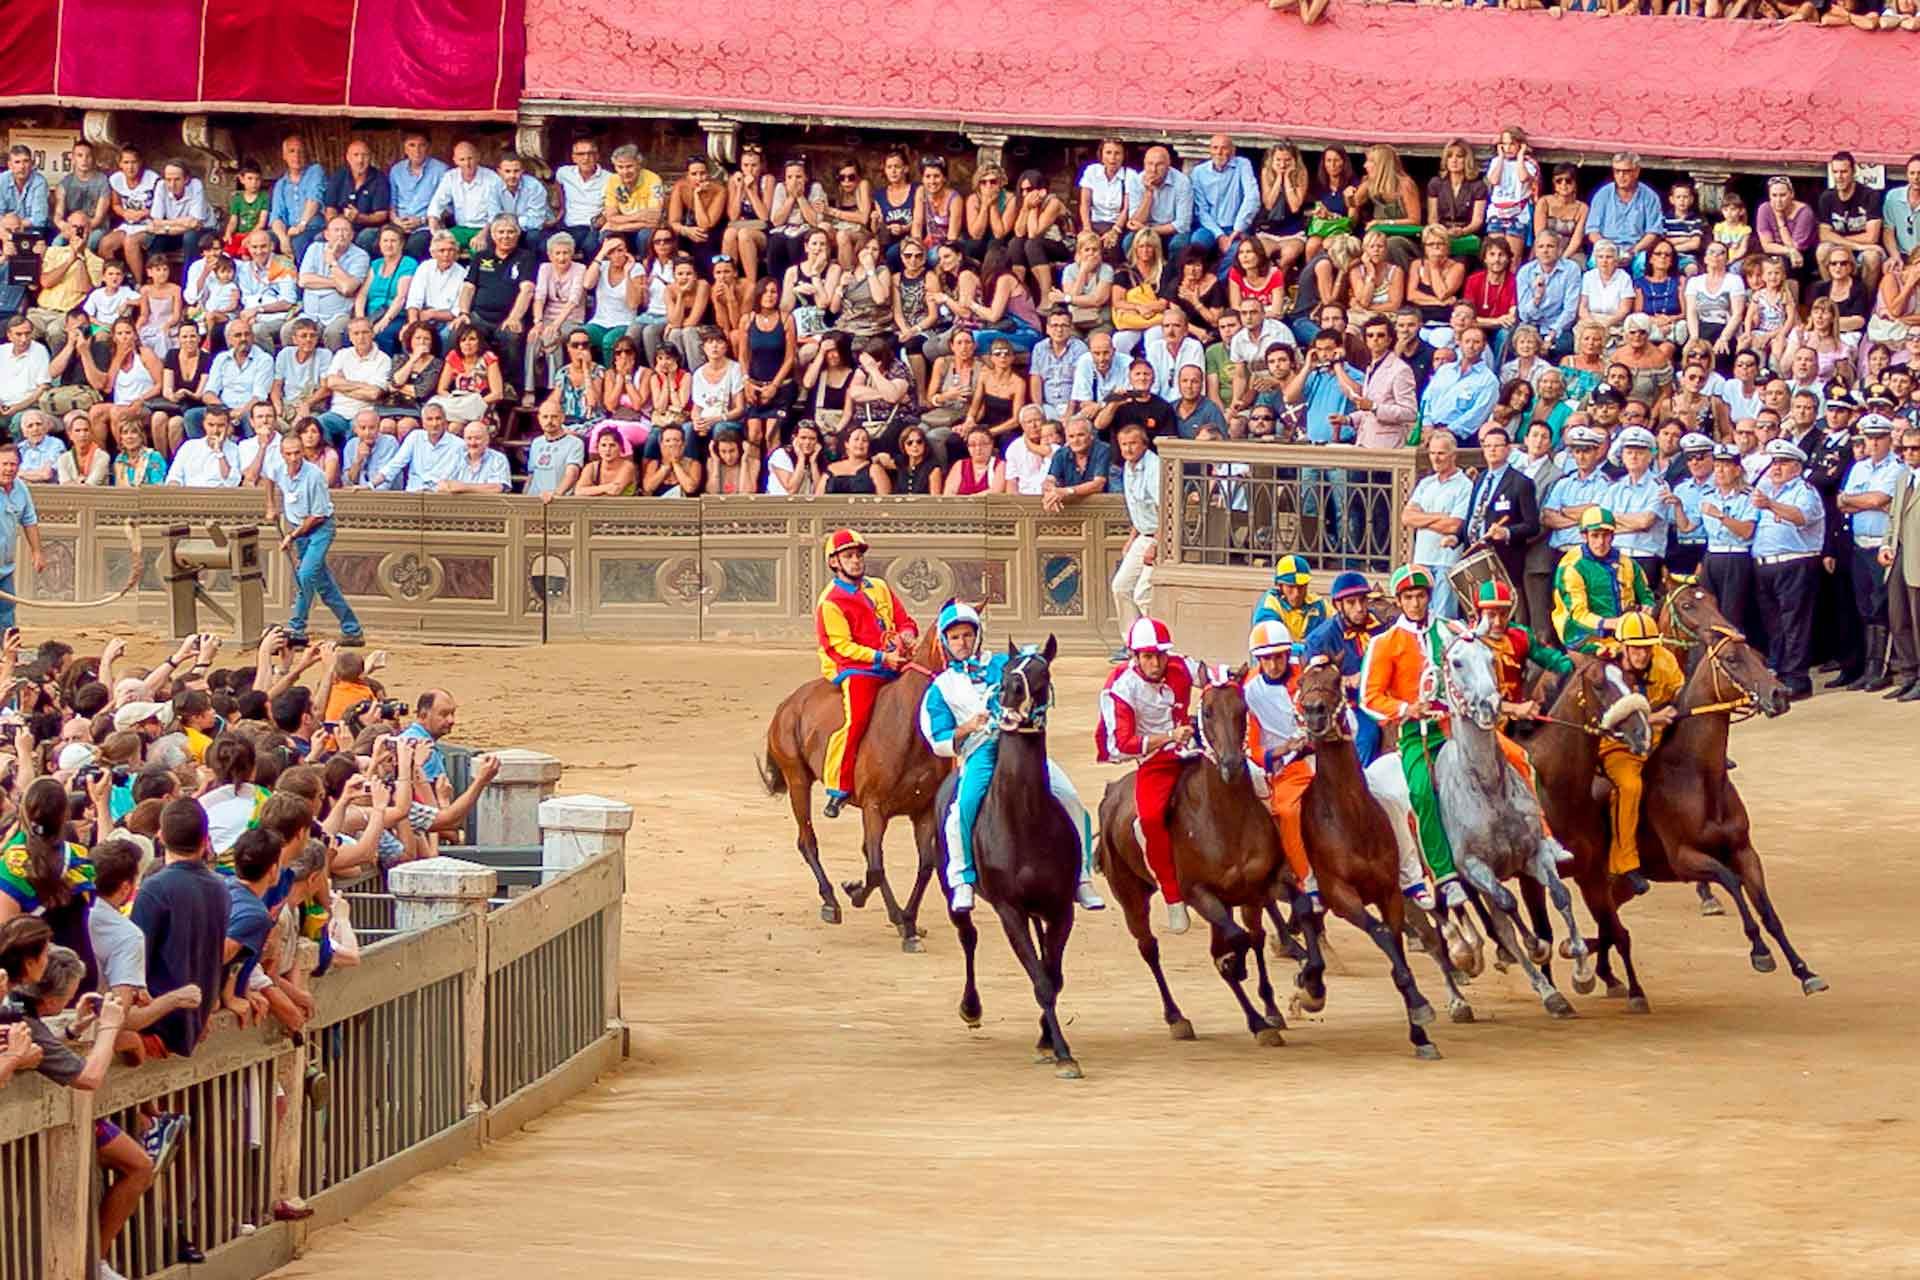 LA PRIMA PROVA - Le prove si svolgono con le stesse regole e modalità del Palio. Non si tratta, però, di una vera e propria gara, in quanto il risultato non ha alcun valore: lo scopo è di permettere a cavalli e fantini di adattarsi al meglio alla pista e alla situazione in vista del Palio.